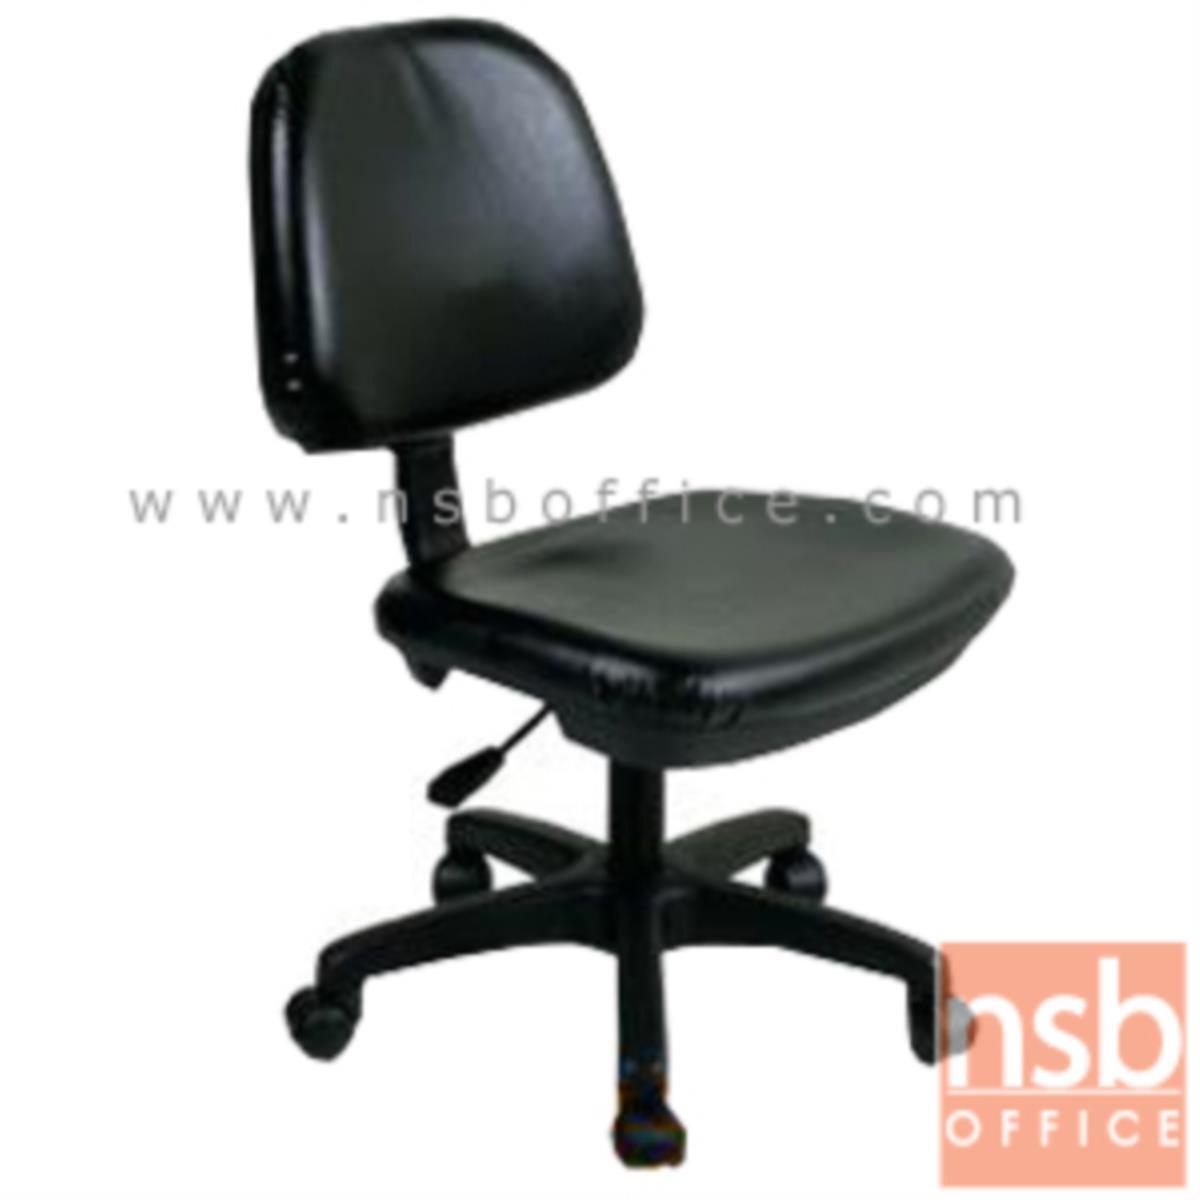 B03A276:เก้าอี้สำนักงาน รุ่น Rosebery (โรสเบรี)  โช๊คแก๊ส ขาพลาสติก